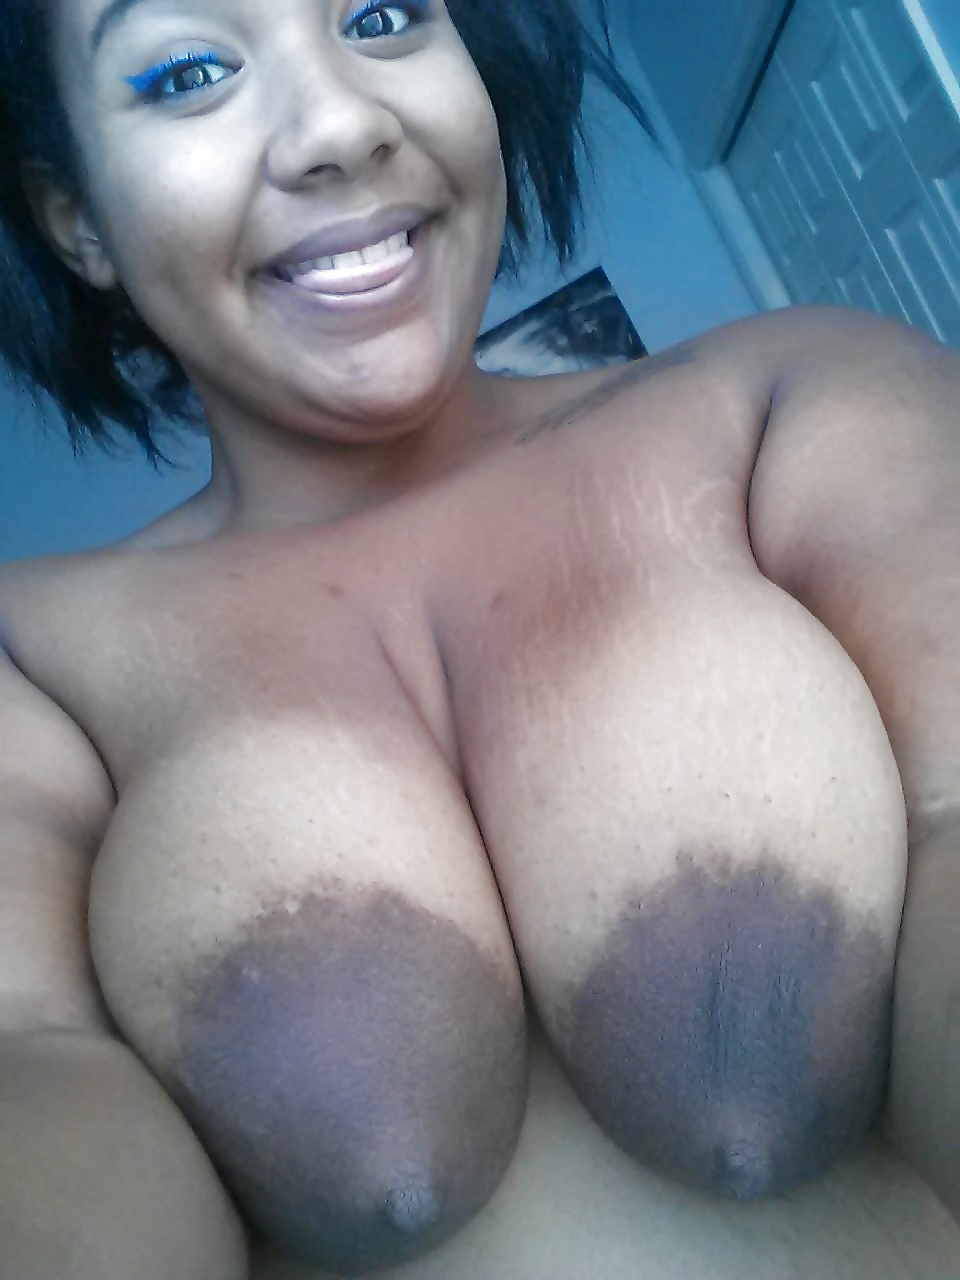 naija-black-boobs